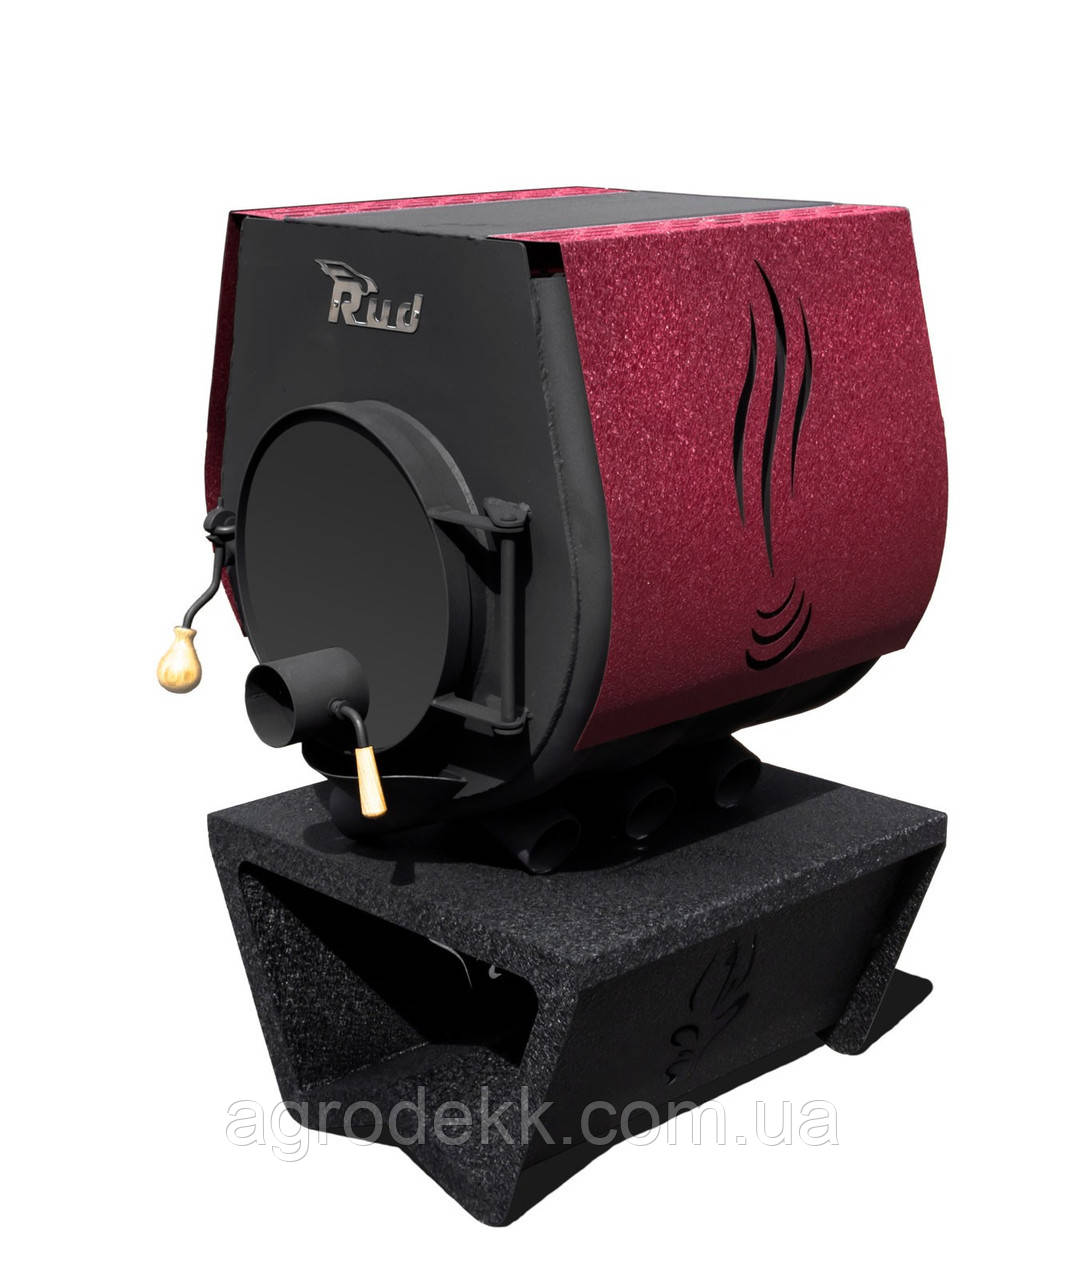 Отопительная конвекционная печь Rud Pyrotron Кантри 01 с варочной поверхностью (отапливаемая площадь 80 кв.м.